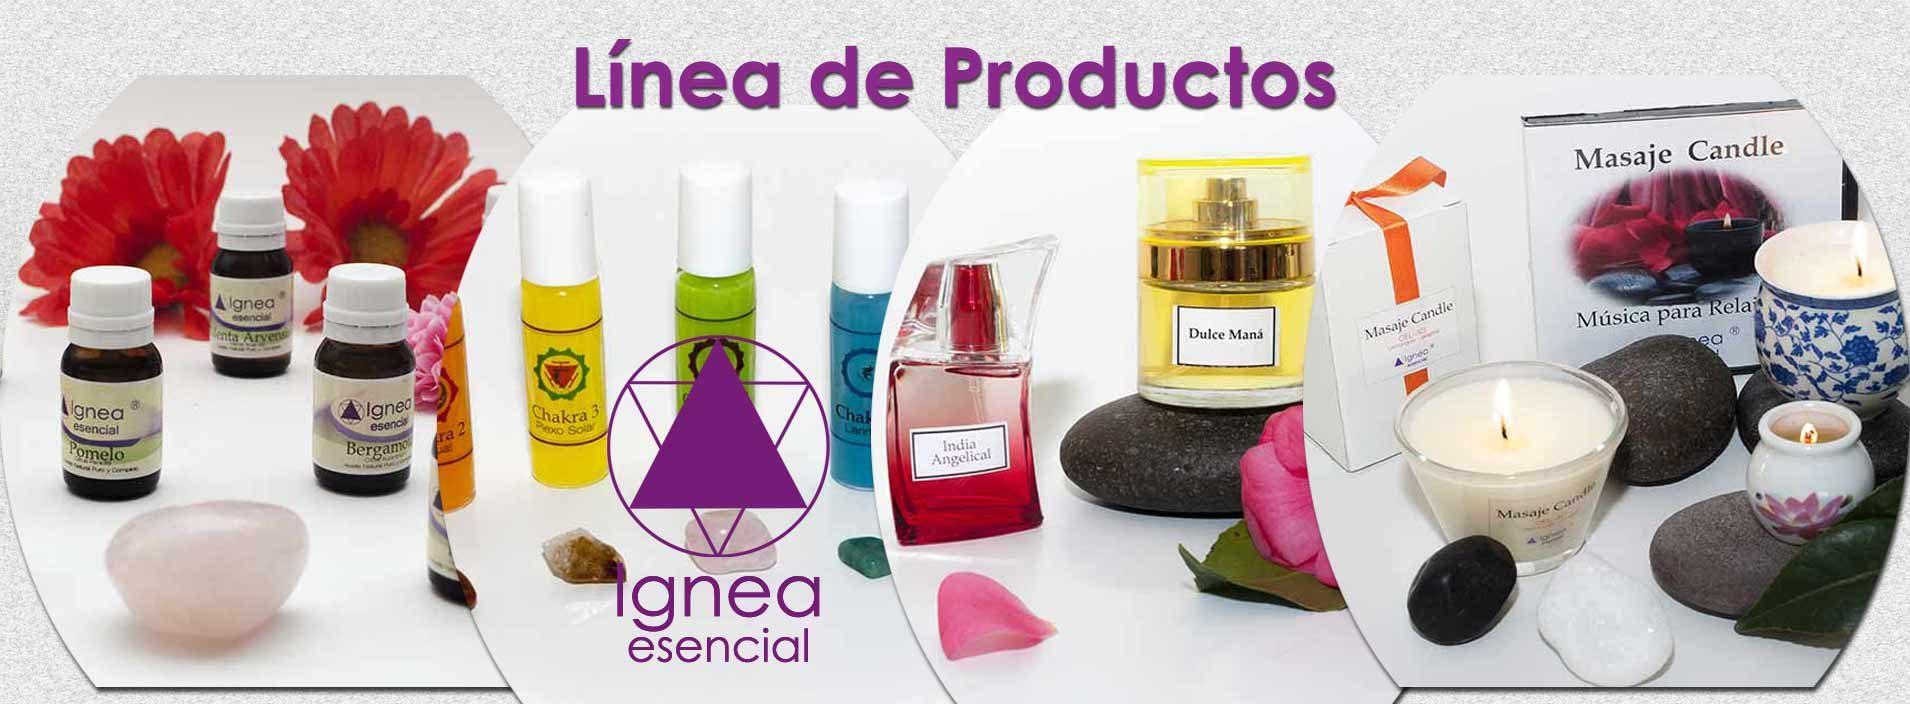 Linea-Prod-Ignea